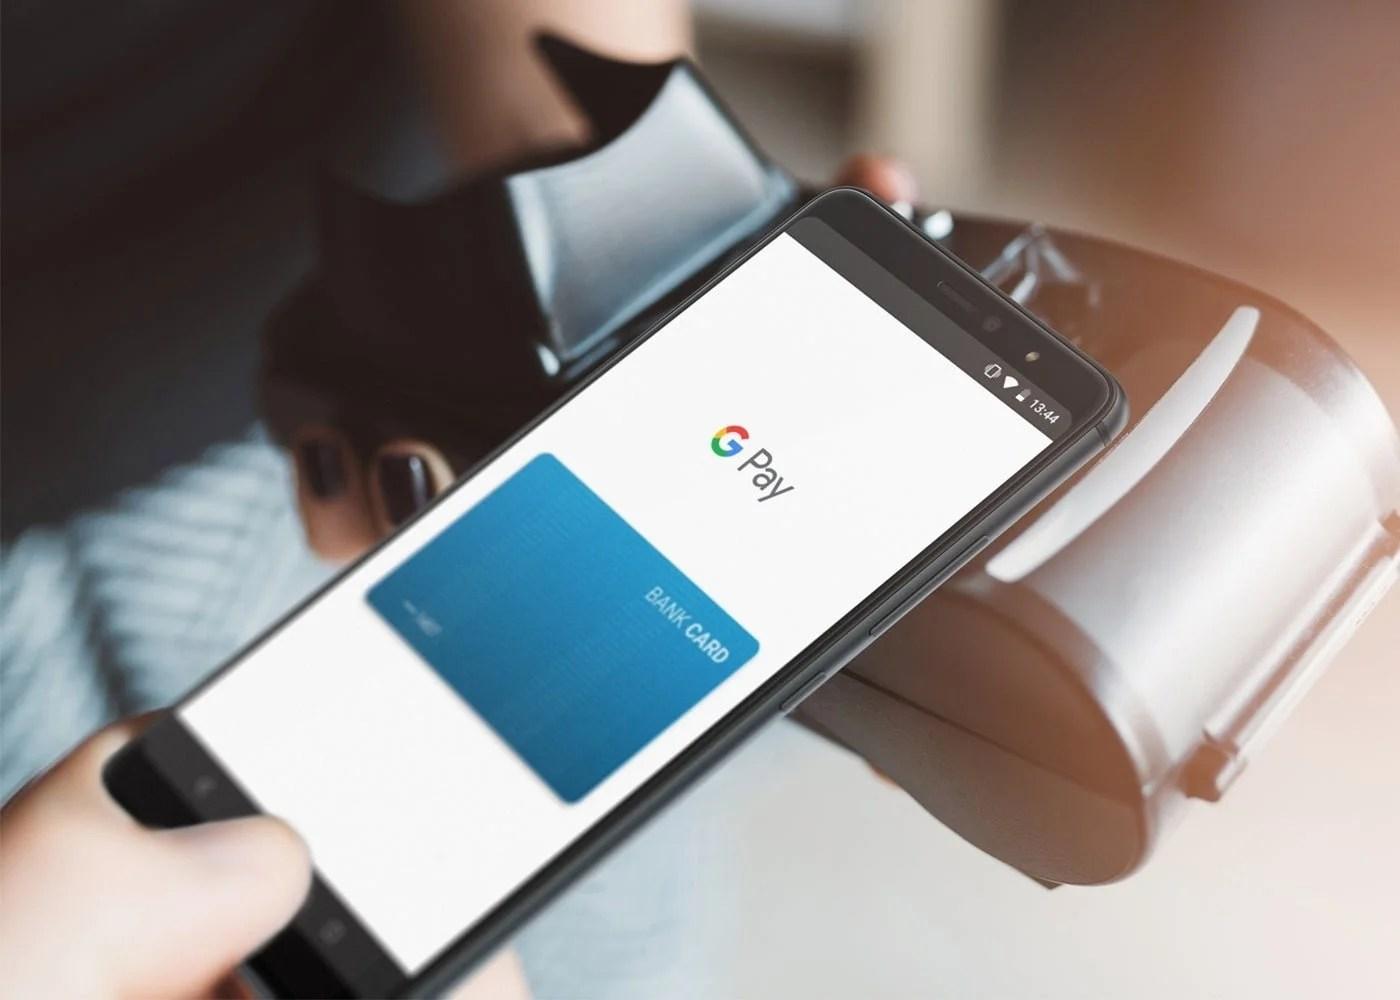 Pagos móviles: como pagar con el movil